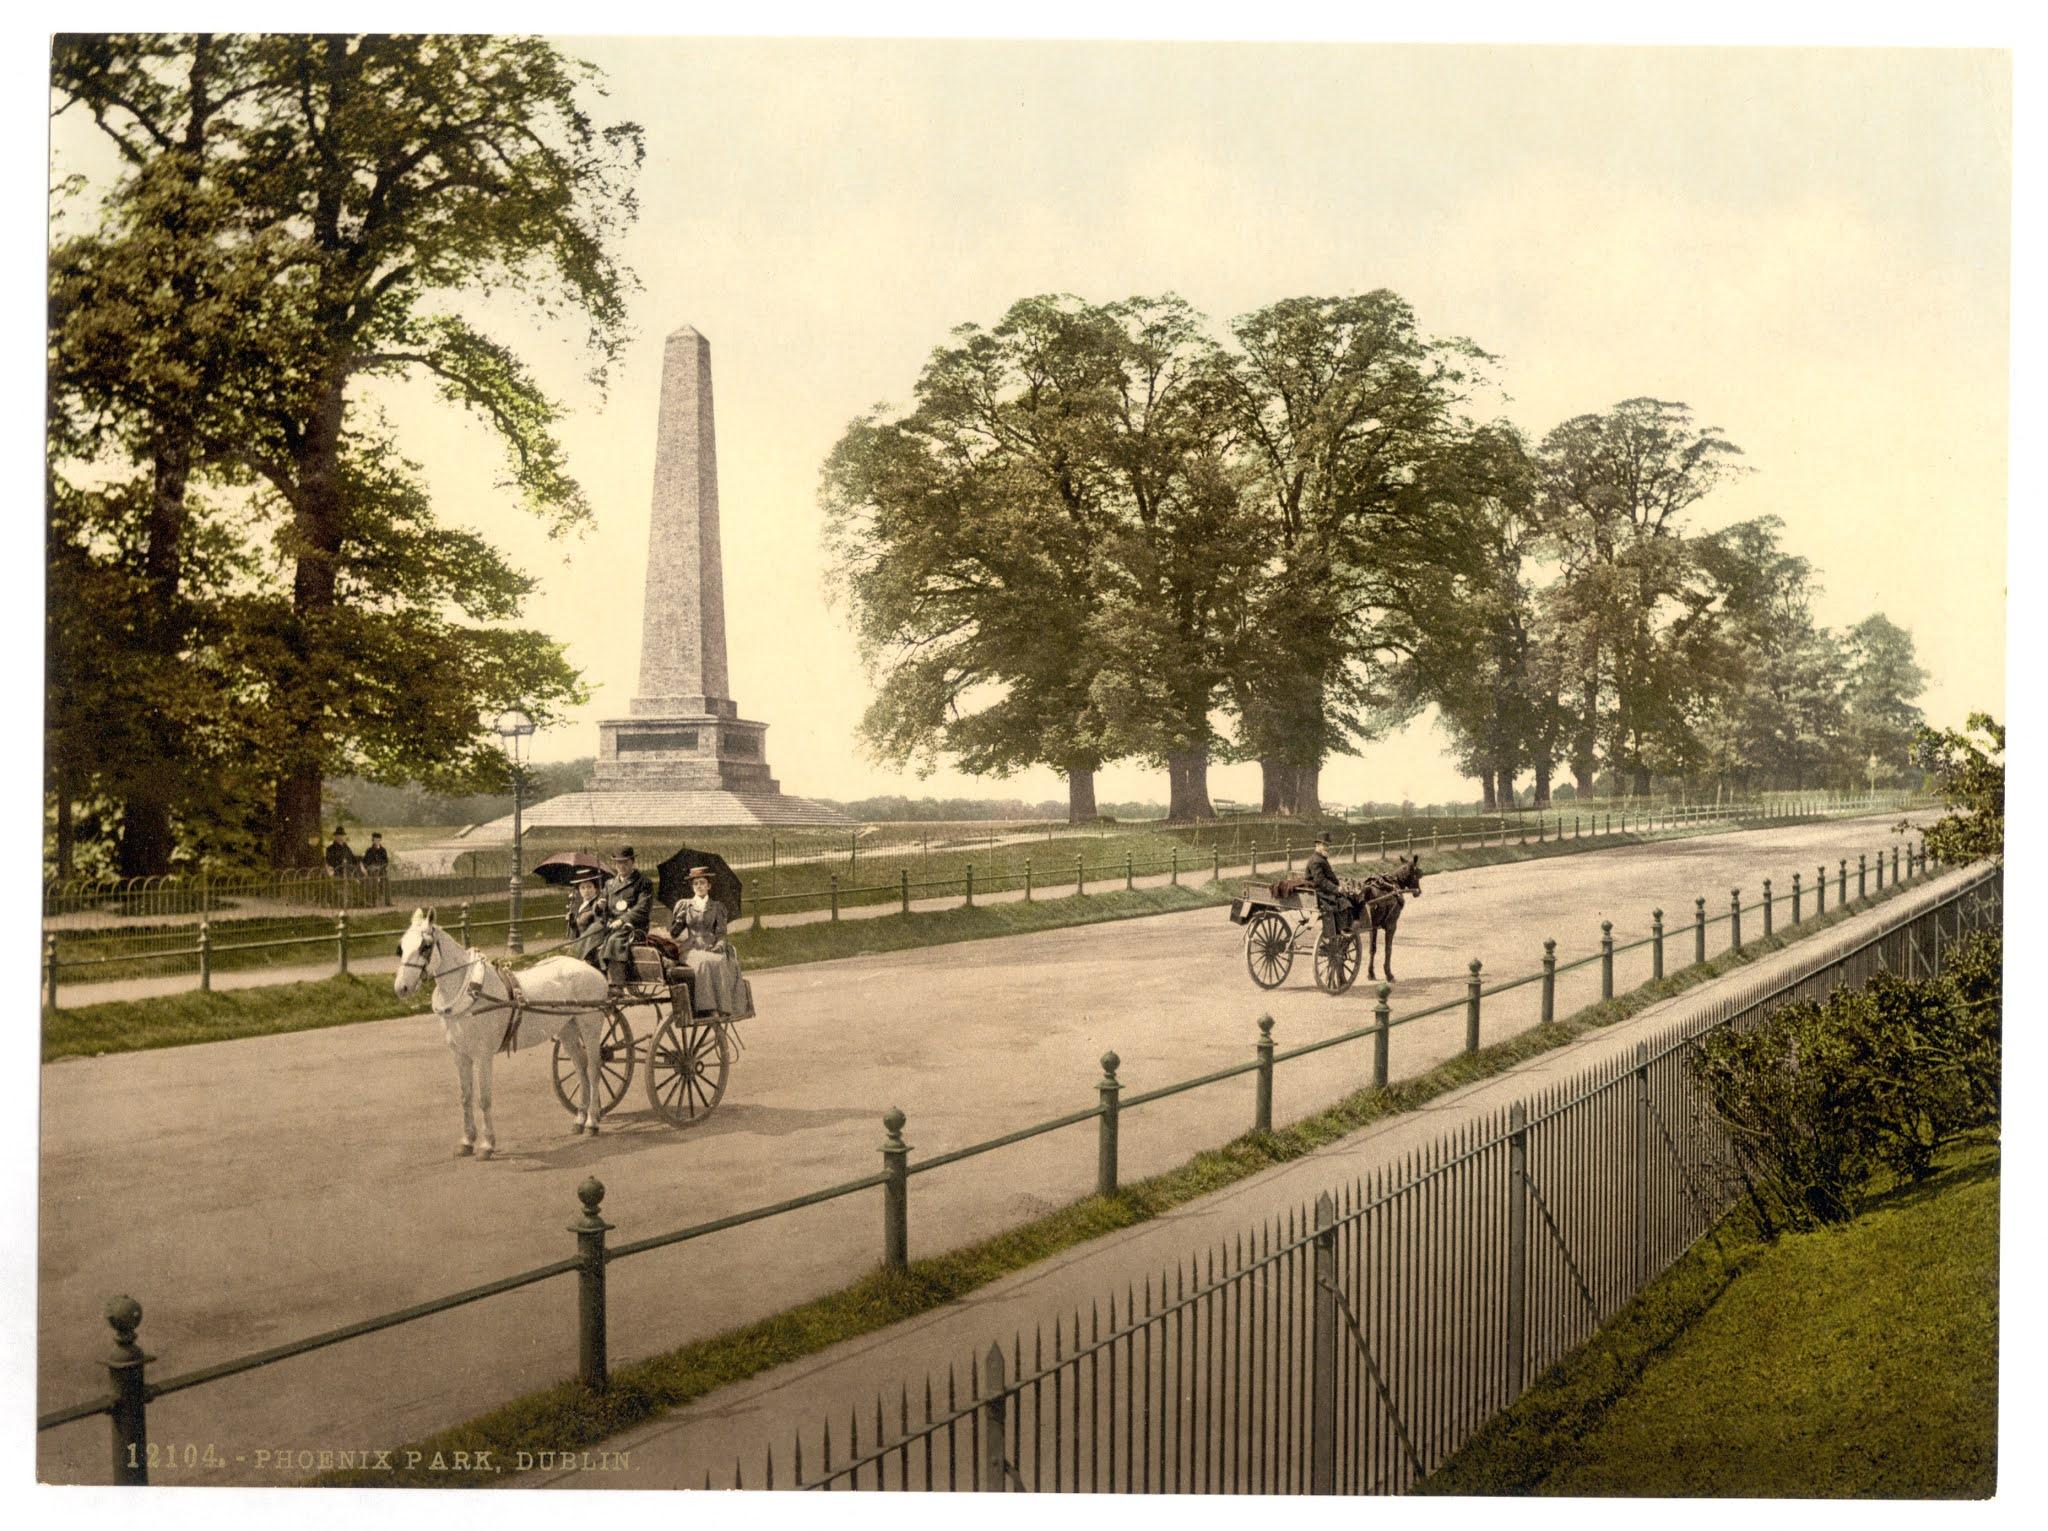 ダブリン市のフェニックスパークのウェリントン記念碑が見える道に二台の二輪馬車が停まっている